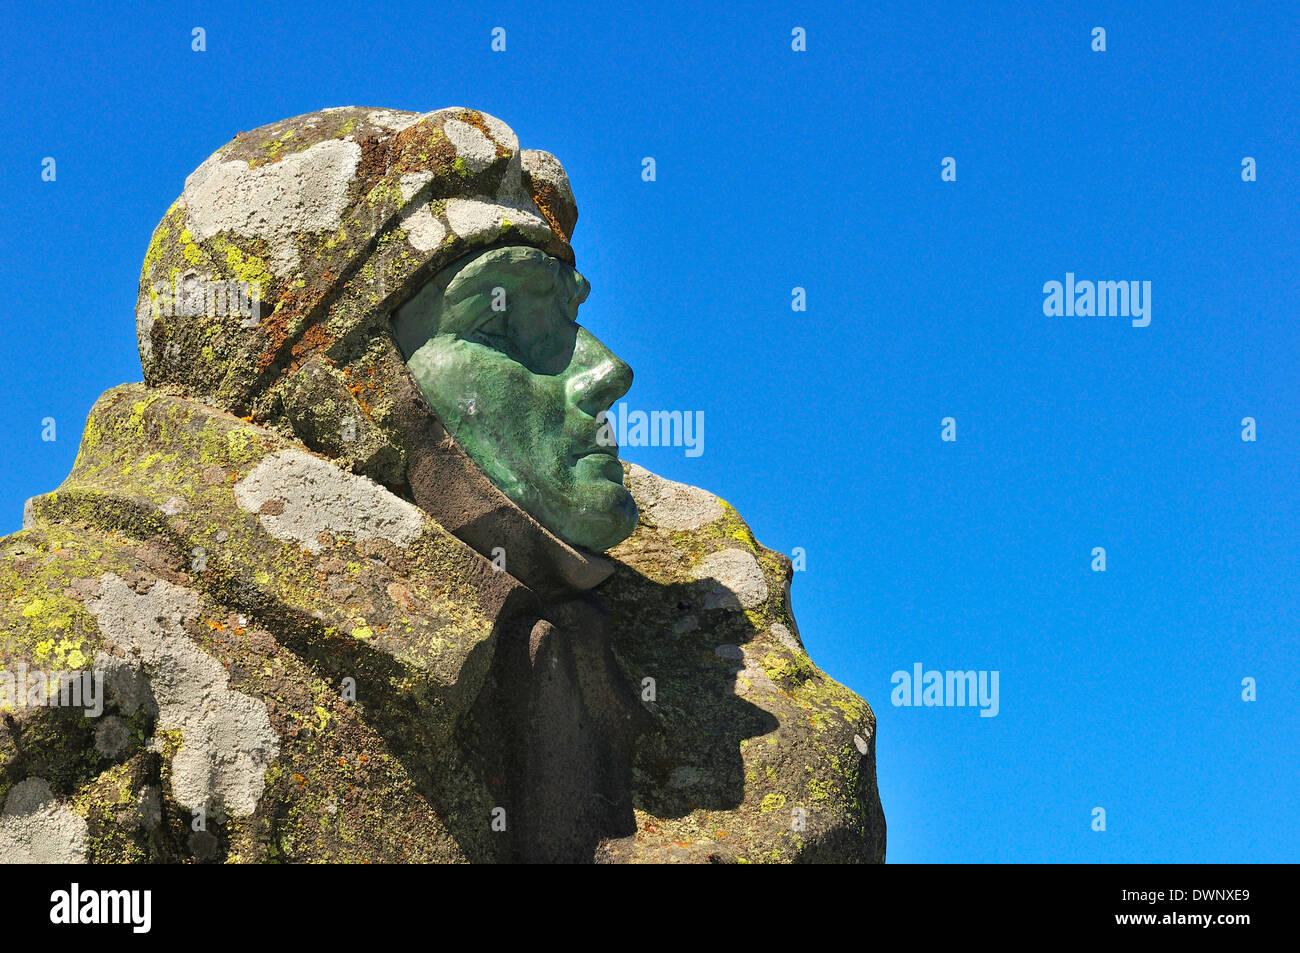 Monument à l'aviation Eugène Renaux sur le sommet du Puy de Dôme, Puy-de-Dôme, France Photo Stock